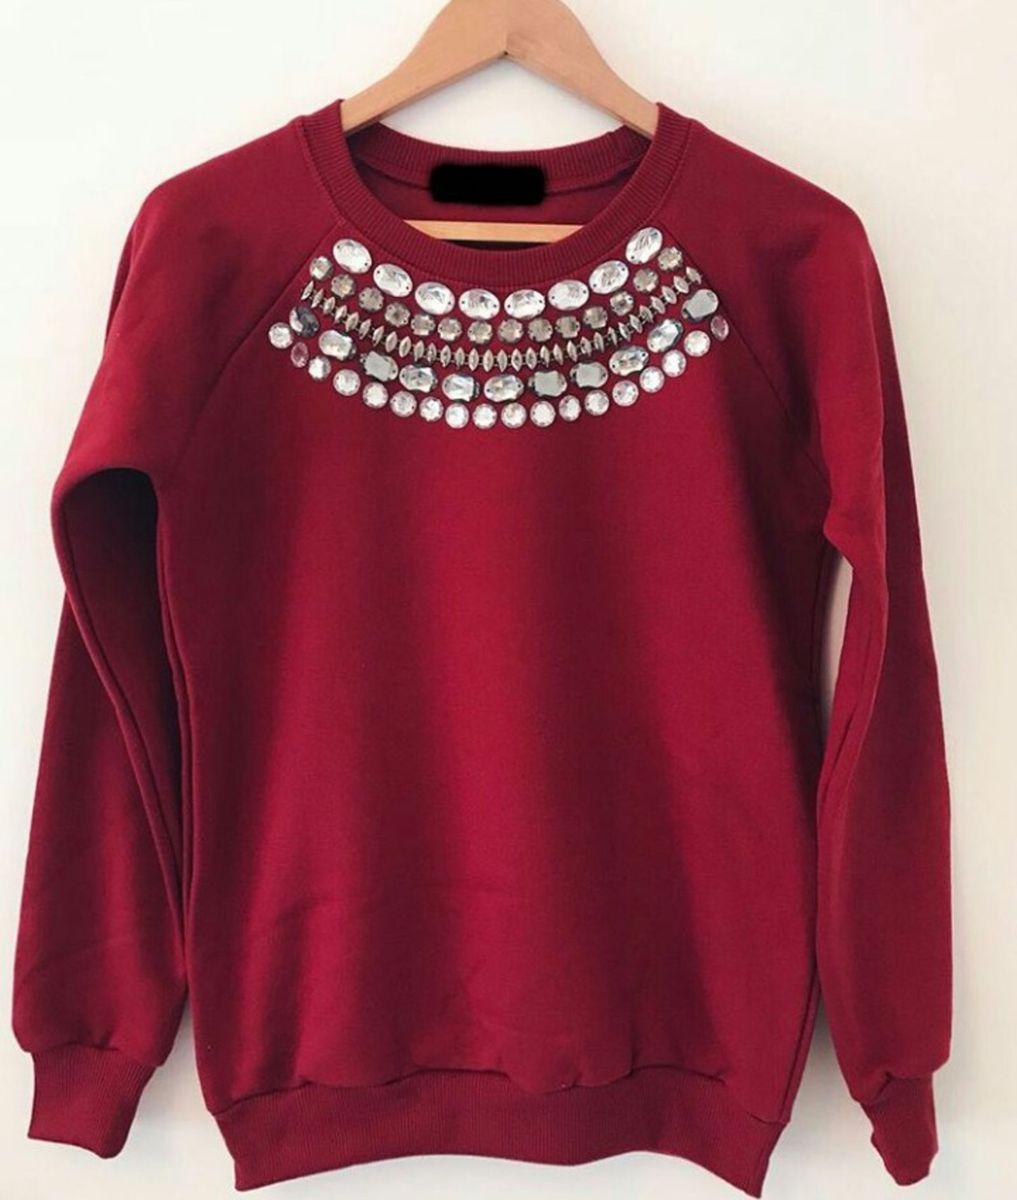 c9cca54d2f blusa de moletom feminino bordado pedrarias - blusas ns store